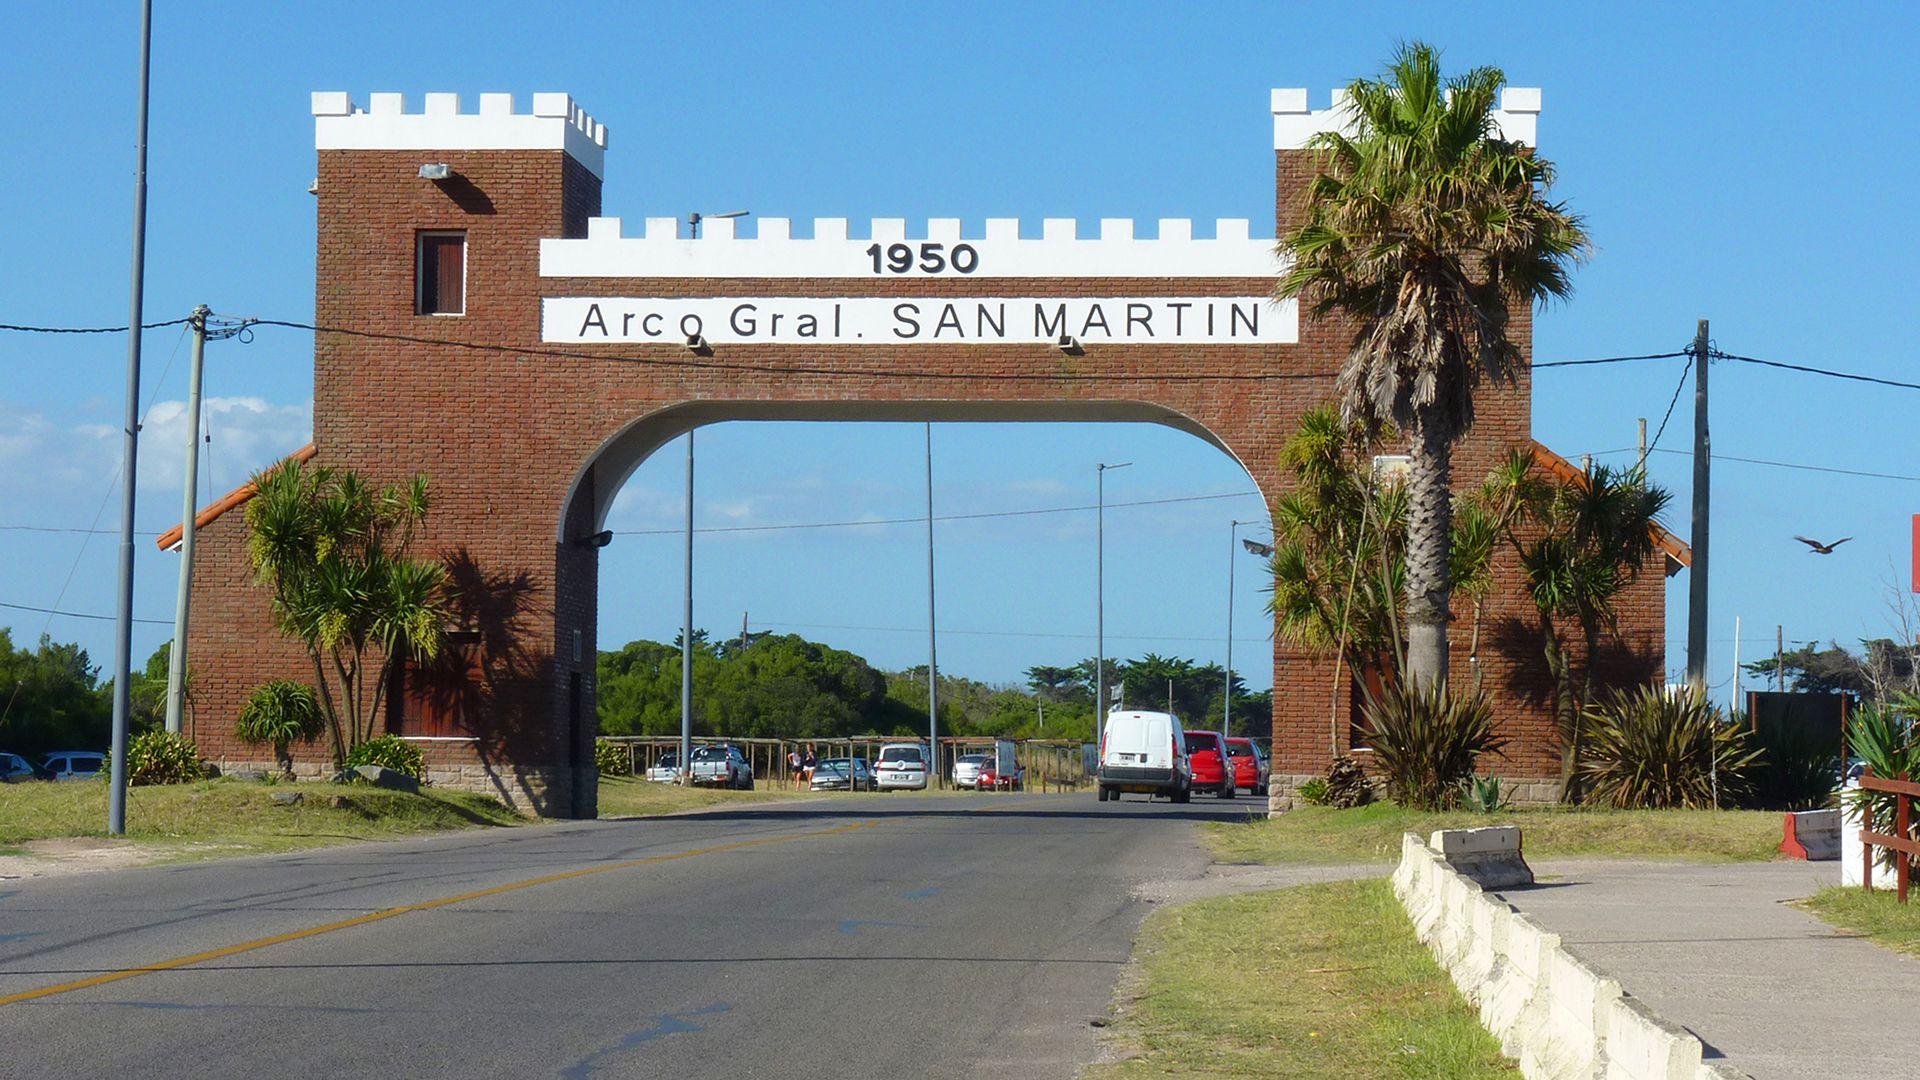 El ingreso a la ciudad de Miramar